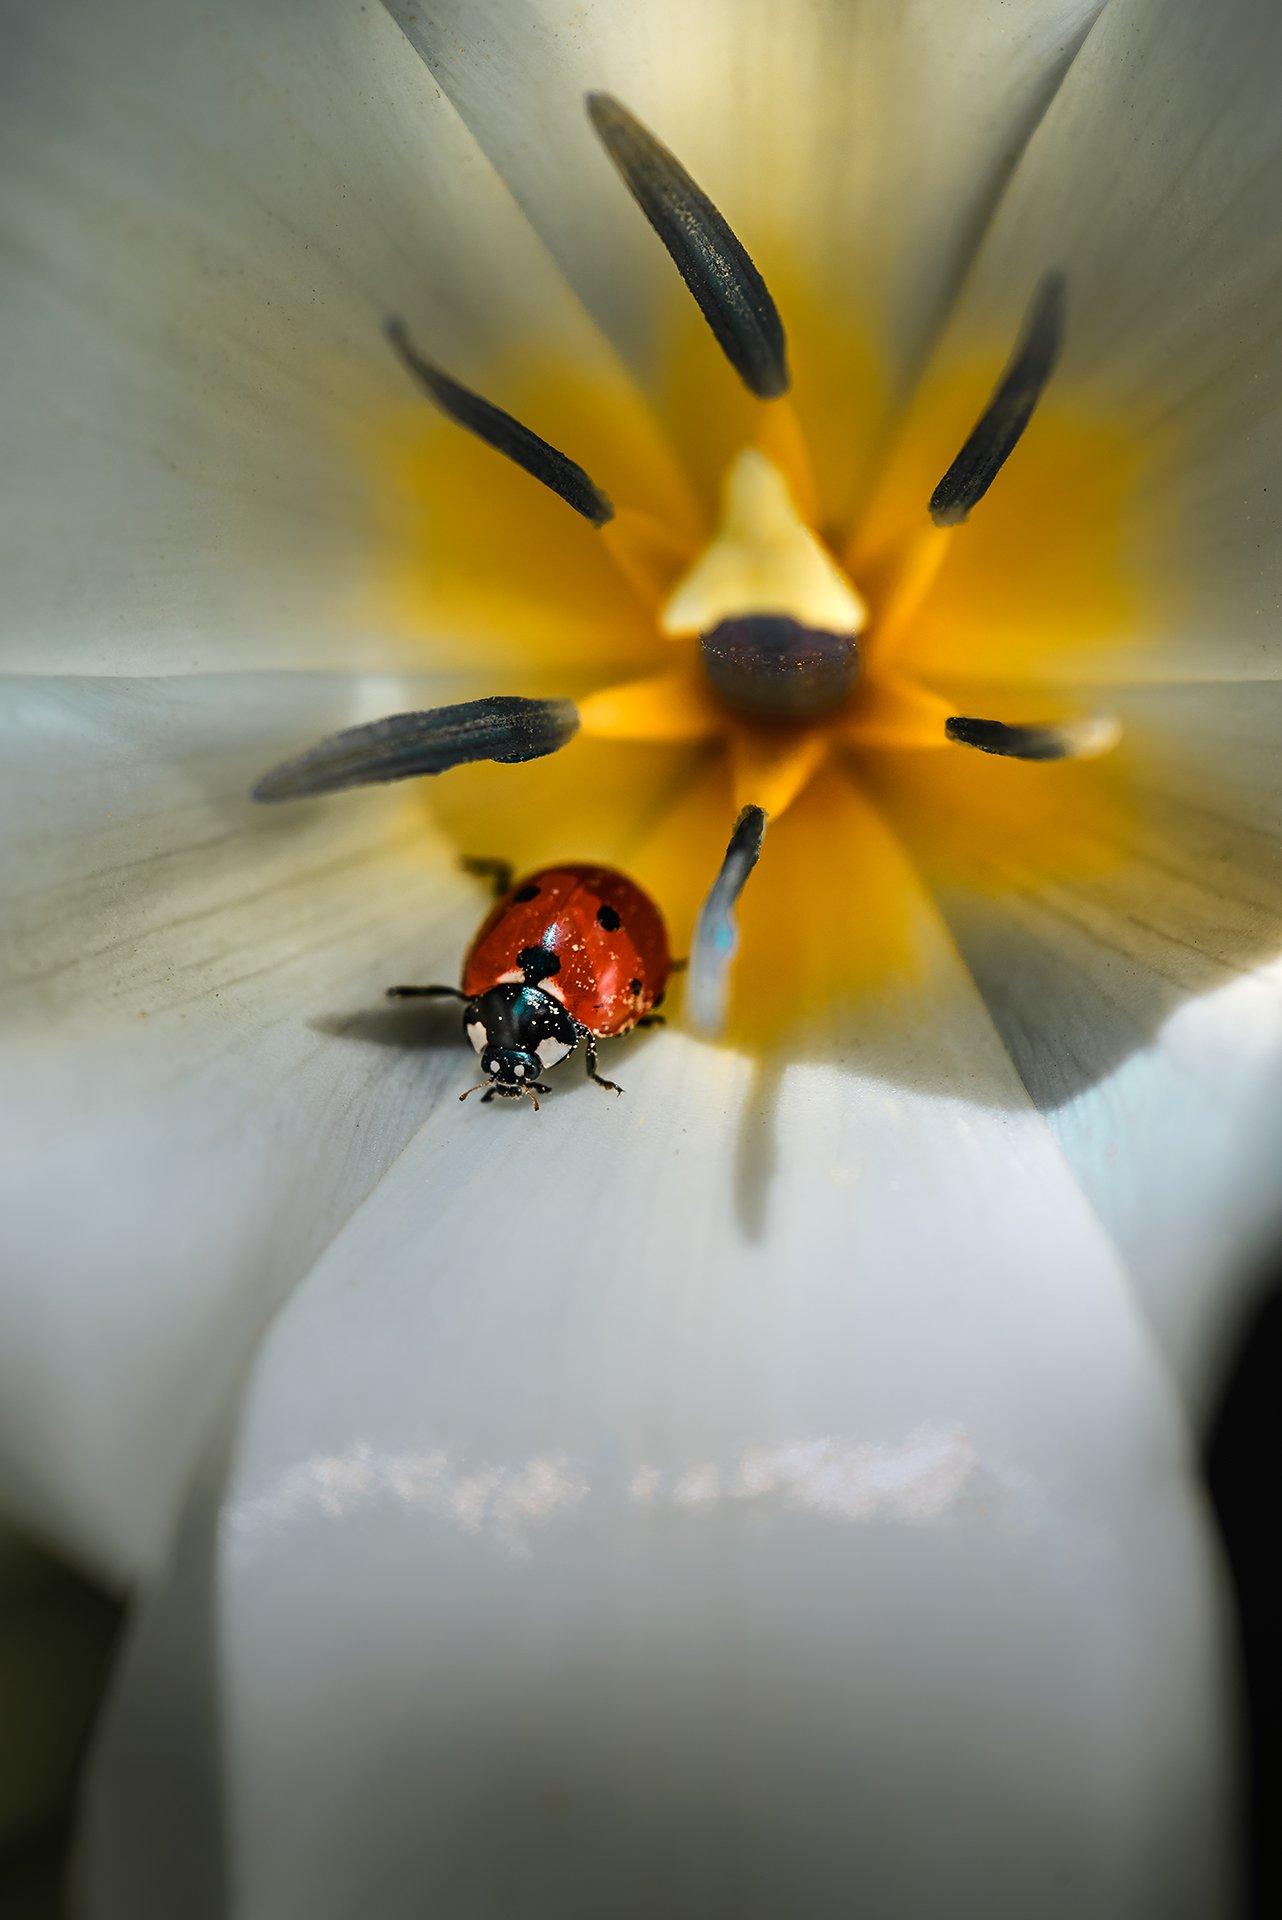 природа, макро, весна, цветы, тюльпан, насекомое, жук, божья коровка, Неля Рачкова